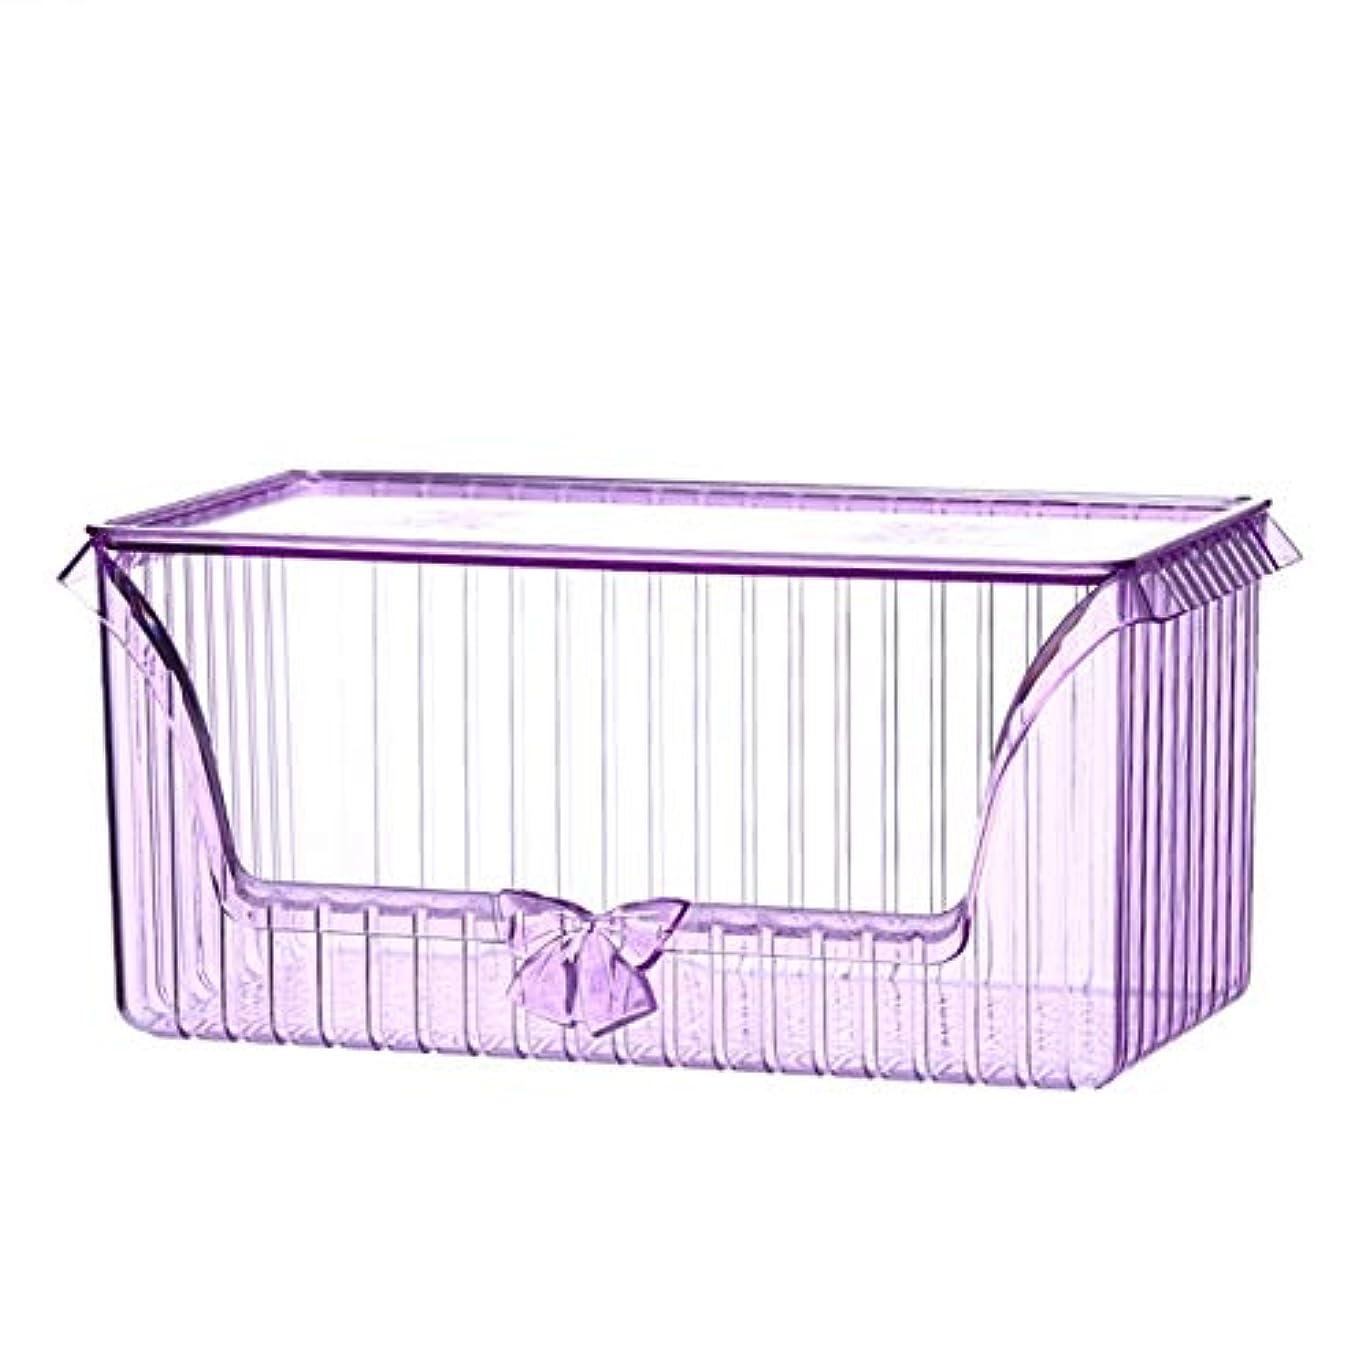 嵐が丘ケントキャプション整理簡単 ヴィンテージ化粧品オーガナイザー化粧ディスプレイ収納スタンドホルダージュエリー香水口紅ディバイダーコンテナ引き出し付き大容量ドレッサー寝室の浴室 (色 : 紫の)